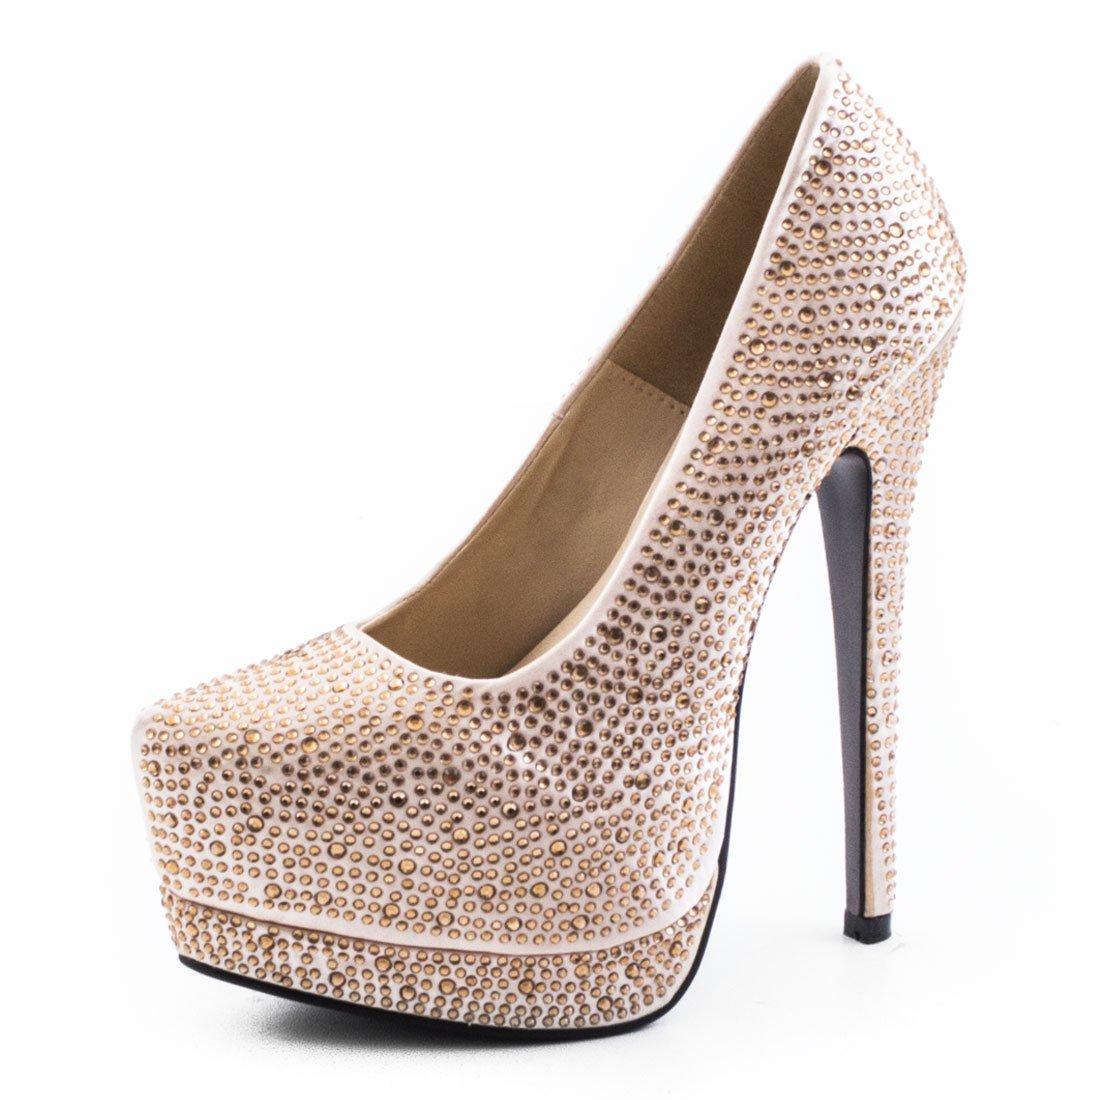 Goldene High Heels mit Nieten und Glitzer